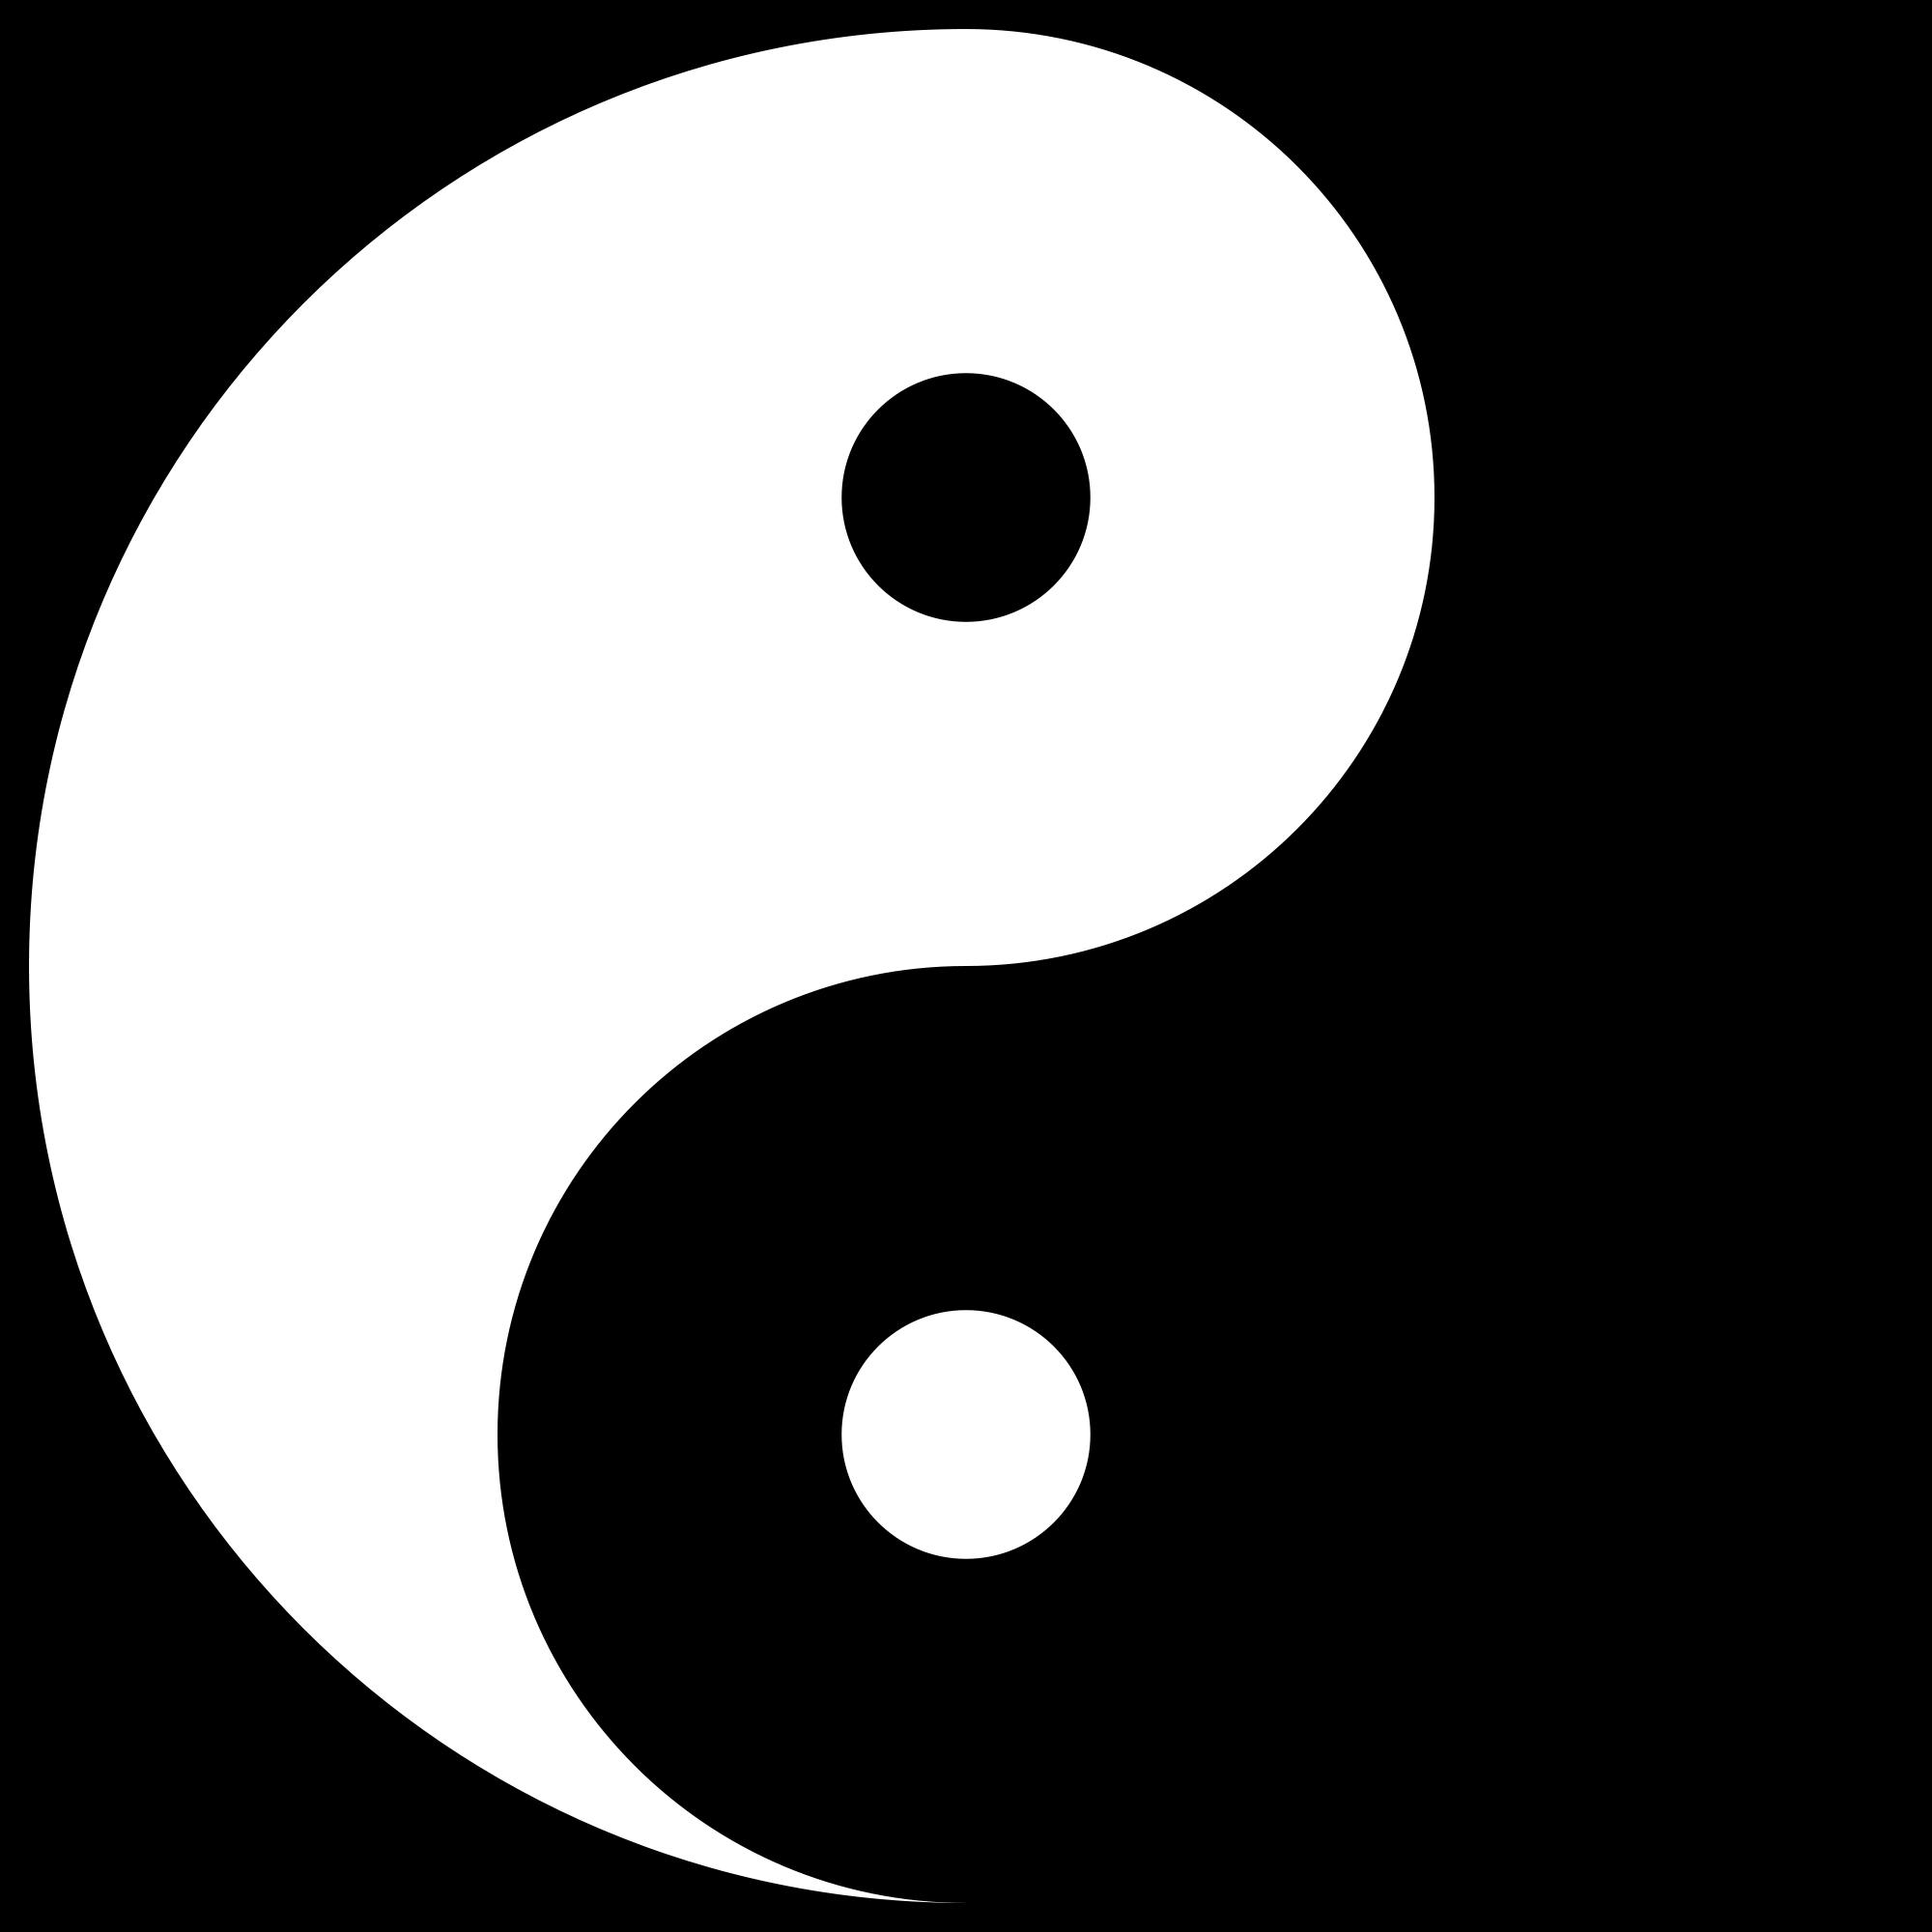 Yin yang png clipart best for Bett yin yang